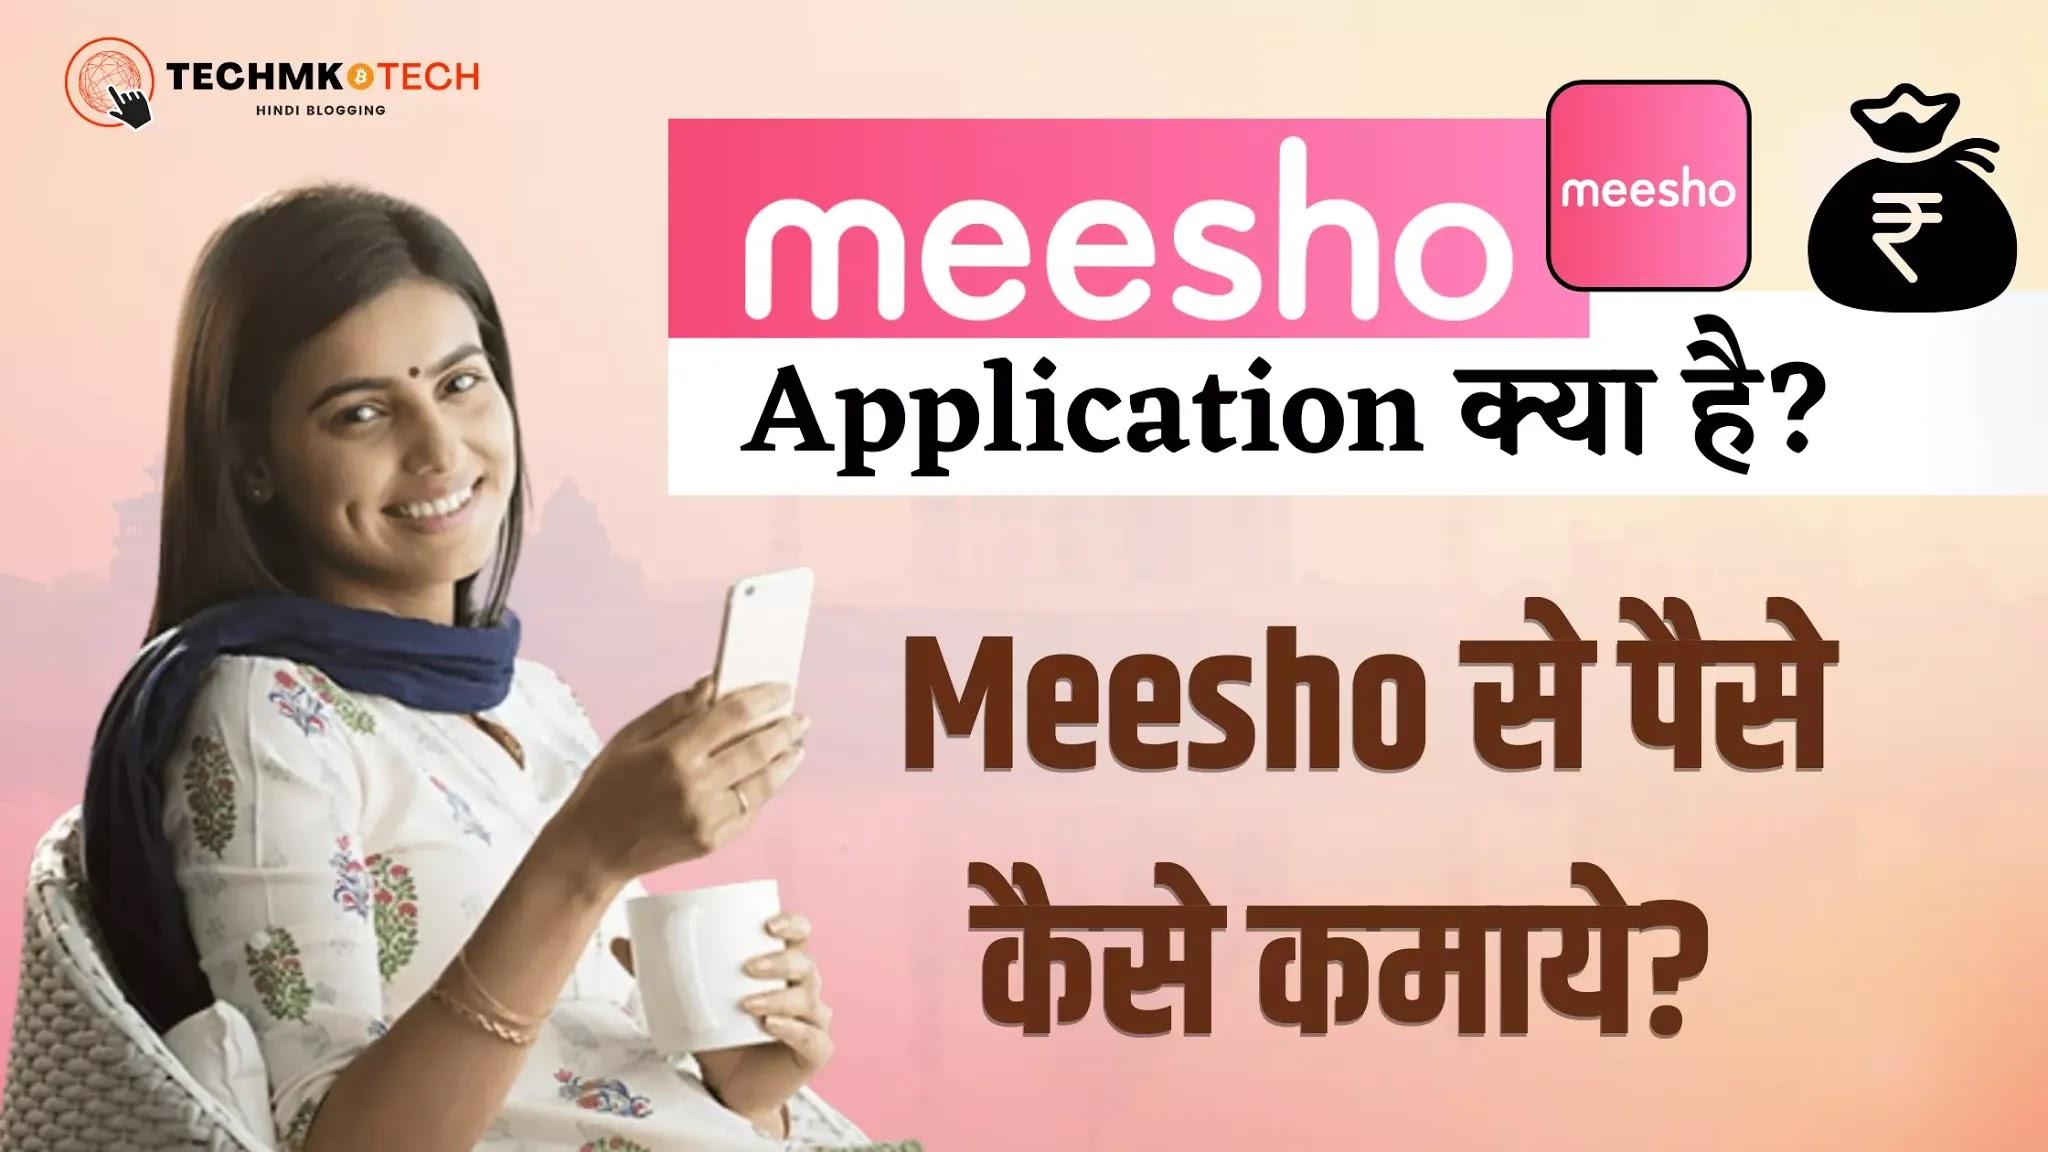 Meesho-app-kya-hai-in-hindi, meesho app kya hai, What is meesho app, मीशो ऐप क्या है,